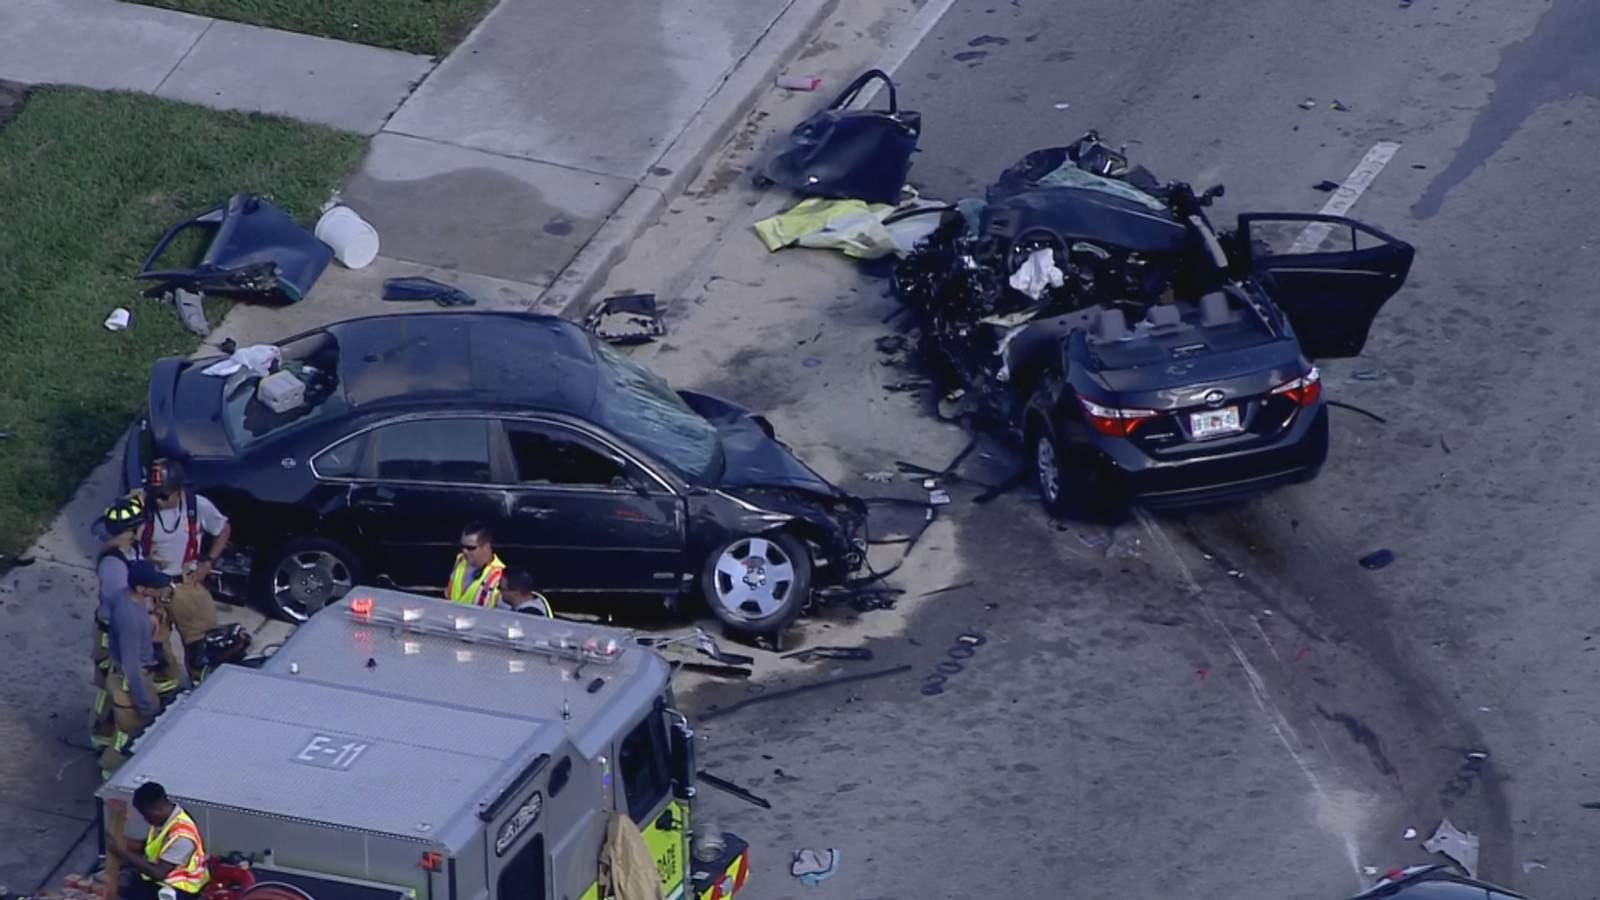 Policía de Miami Gardens responde a aparatoso accidente que dejó dos heridos